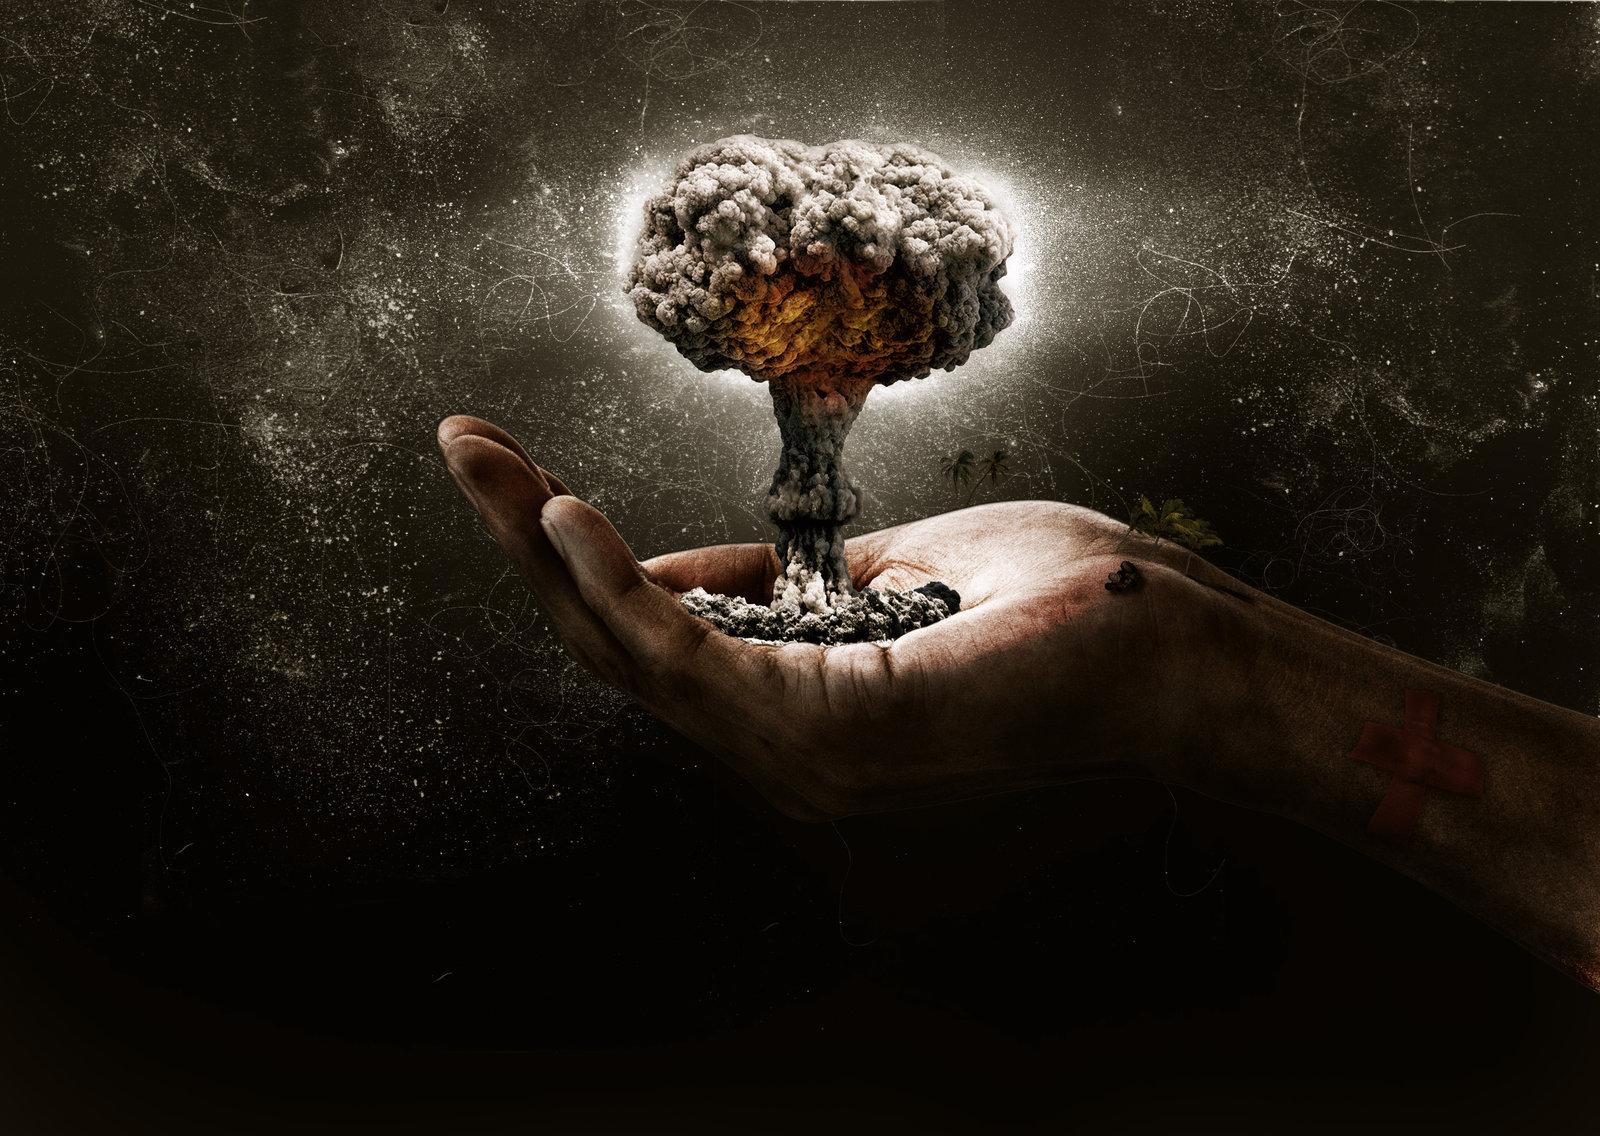 hand mushroom cloud blast explosion miniature dark nuclear